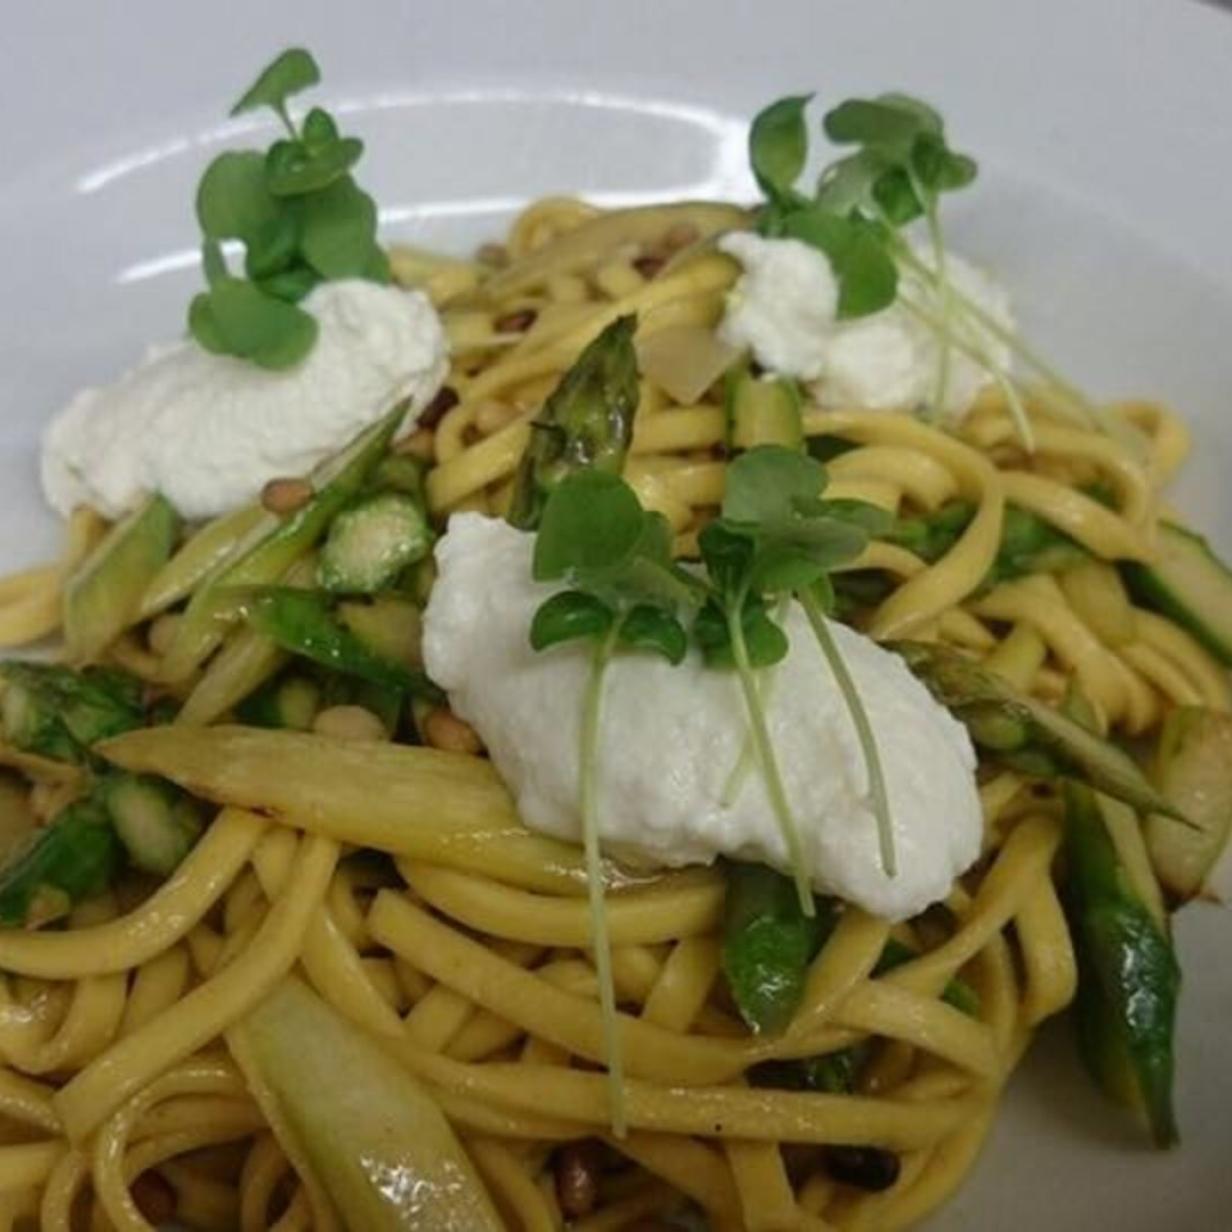 Geschäftsessen: Viva la pasta